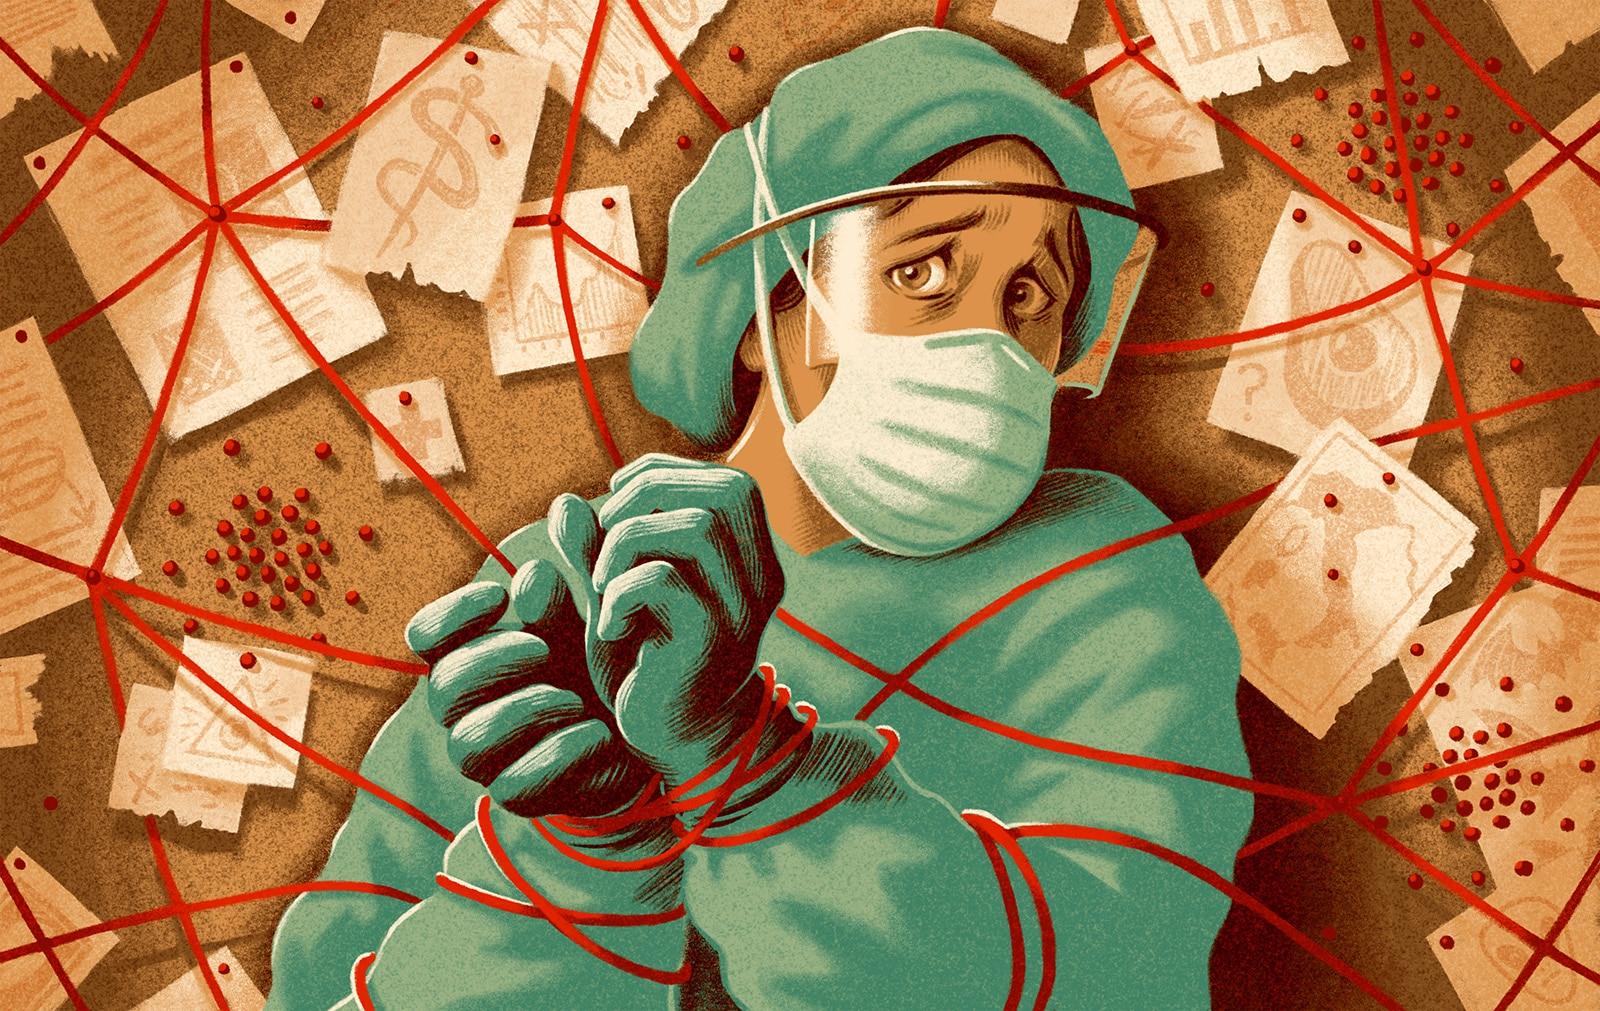 Olasz Orvosok Osszeeskuves Elmeletek